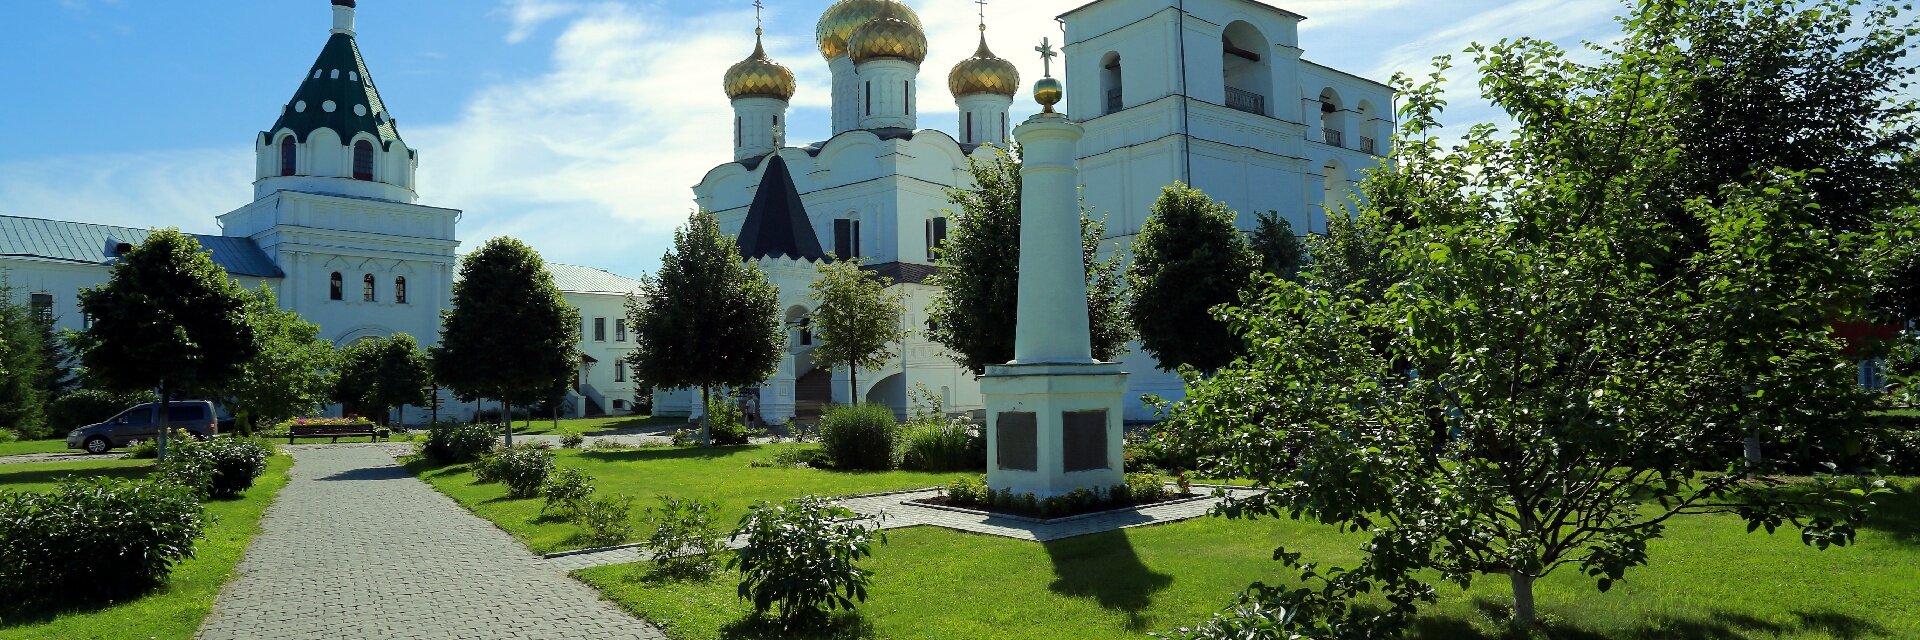 Поиск отелей в Костроме